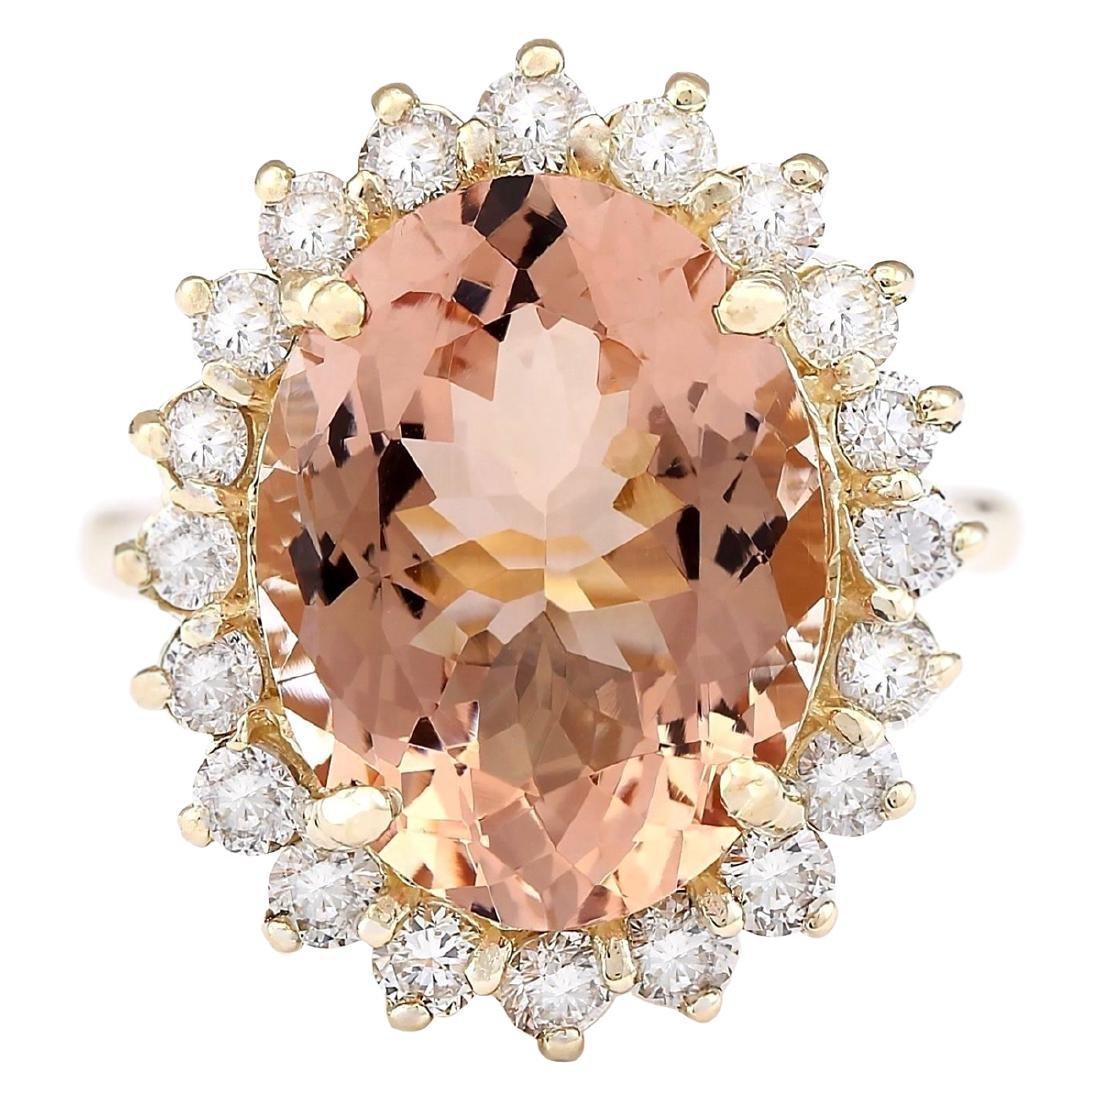 8.66 CTW Natural Morganite And Diamond Ring In 18K